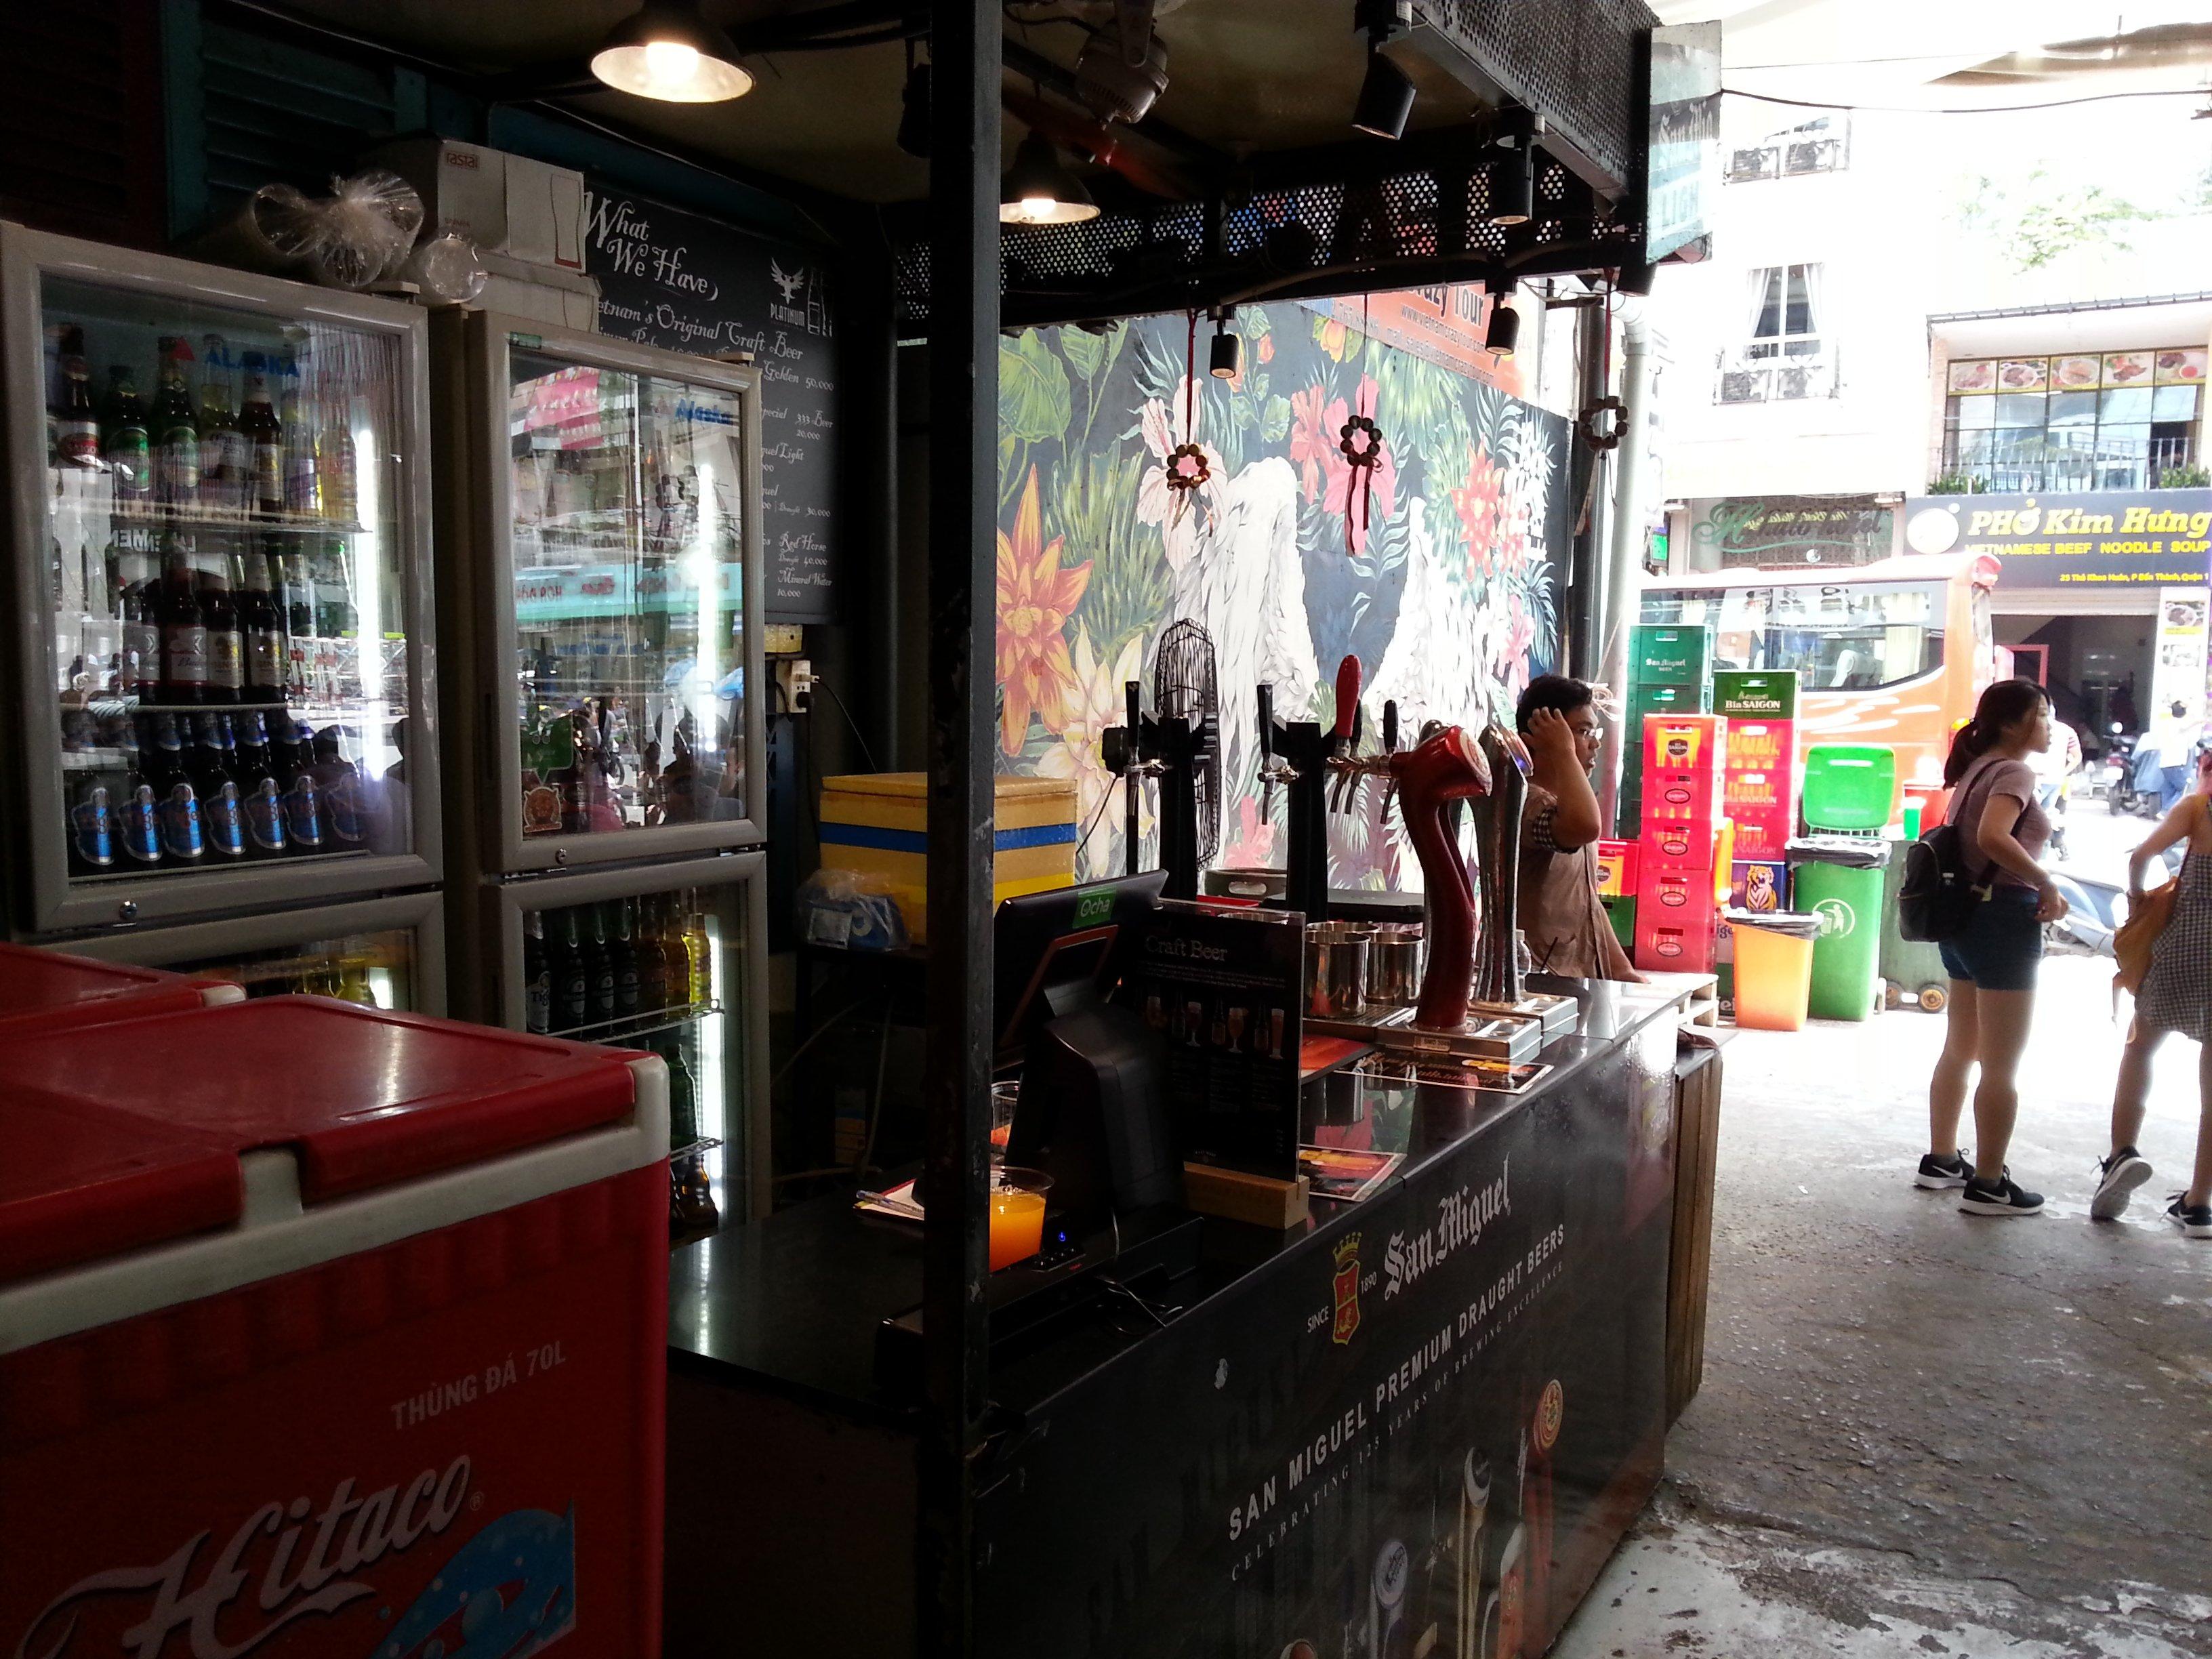 Beer station at Ben Thanh Street Food Market